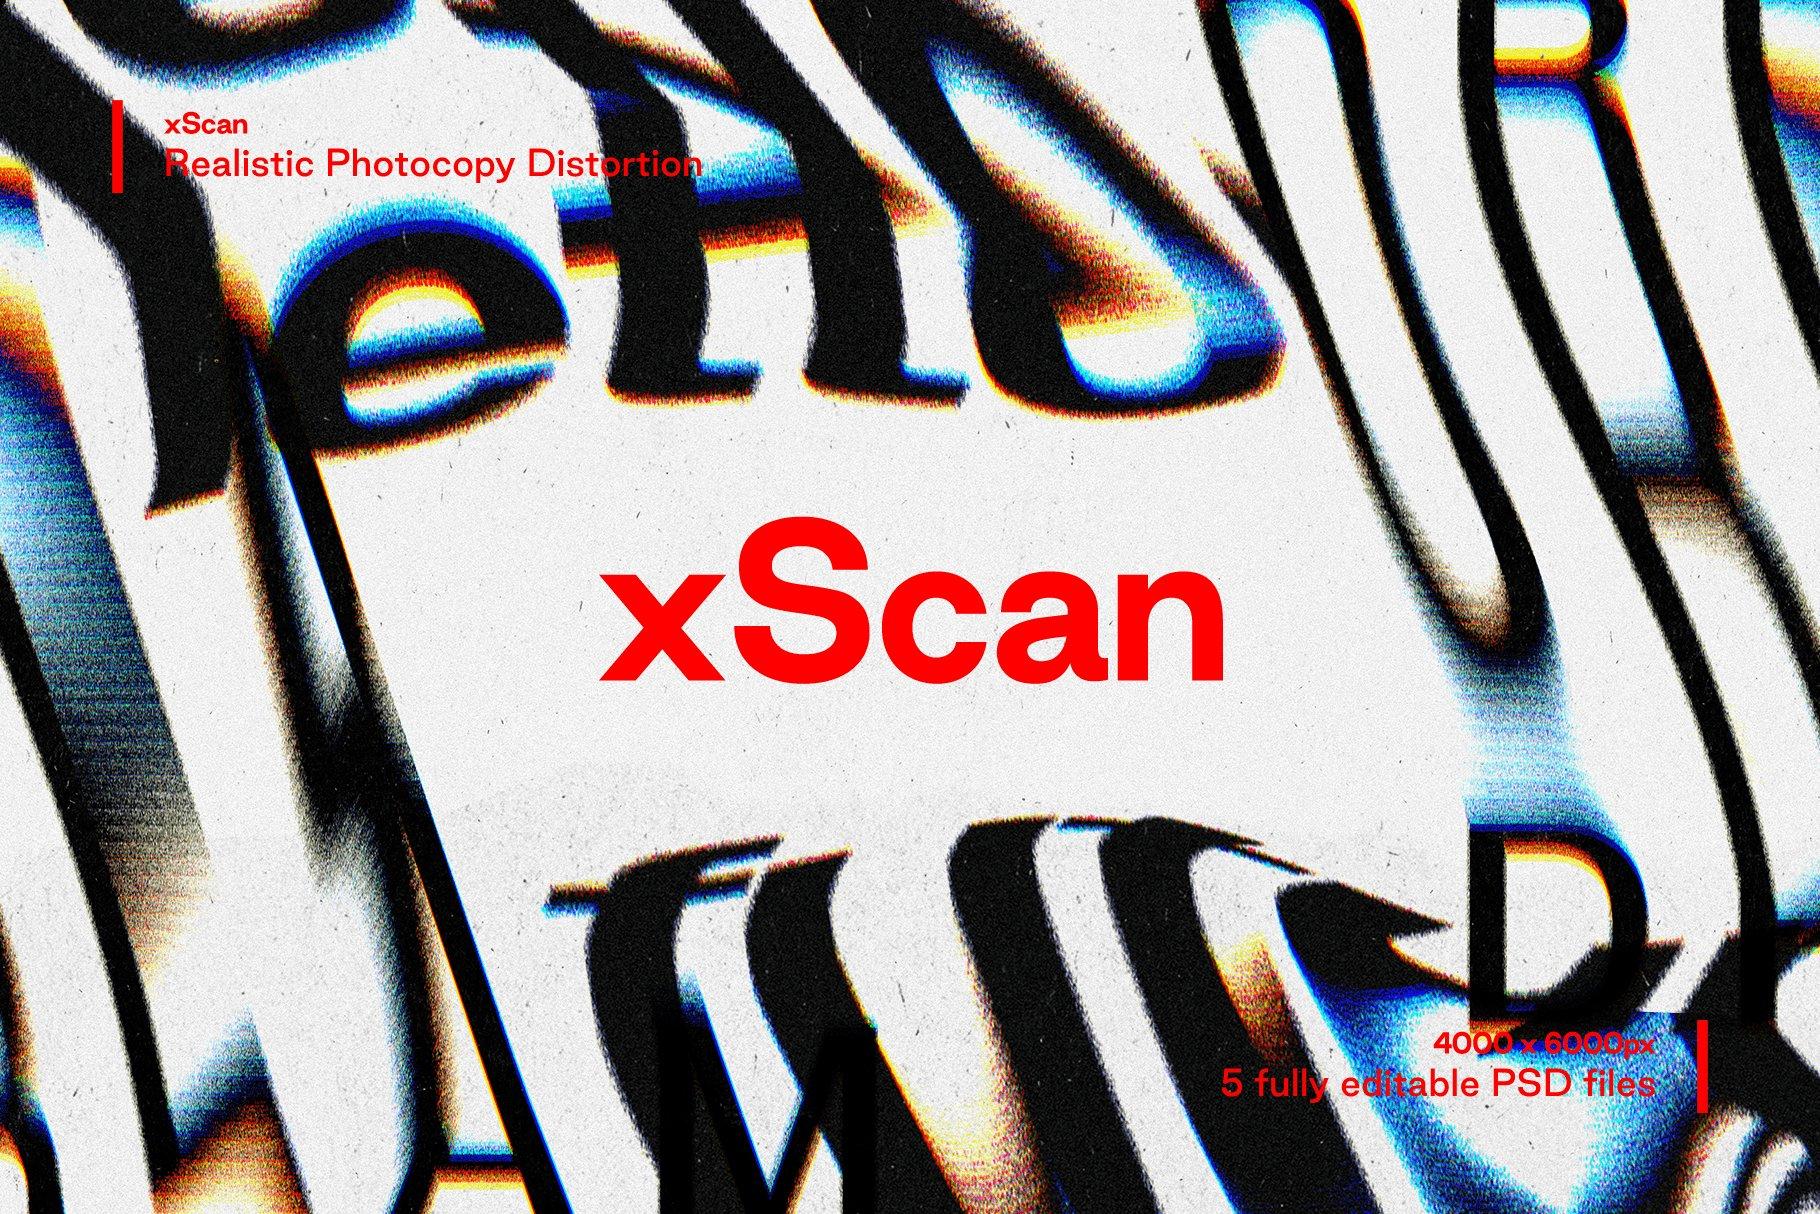 [淘宝购买]潮流扫描仪拖曳影印变形故障效果海报标题设计PS文字样式模板 xScan – Photocopy Distortion Effect插图